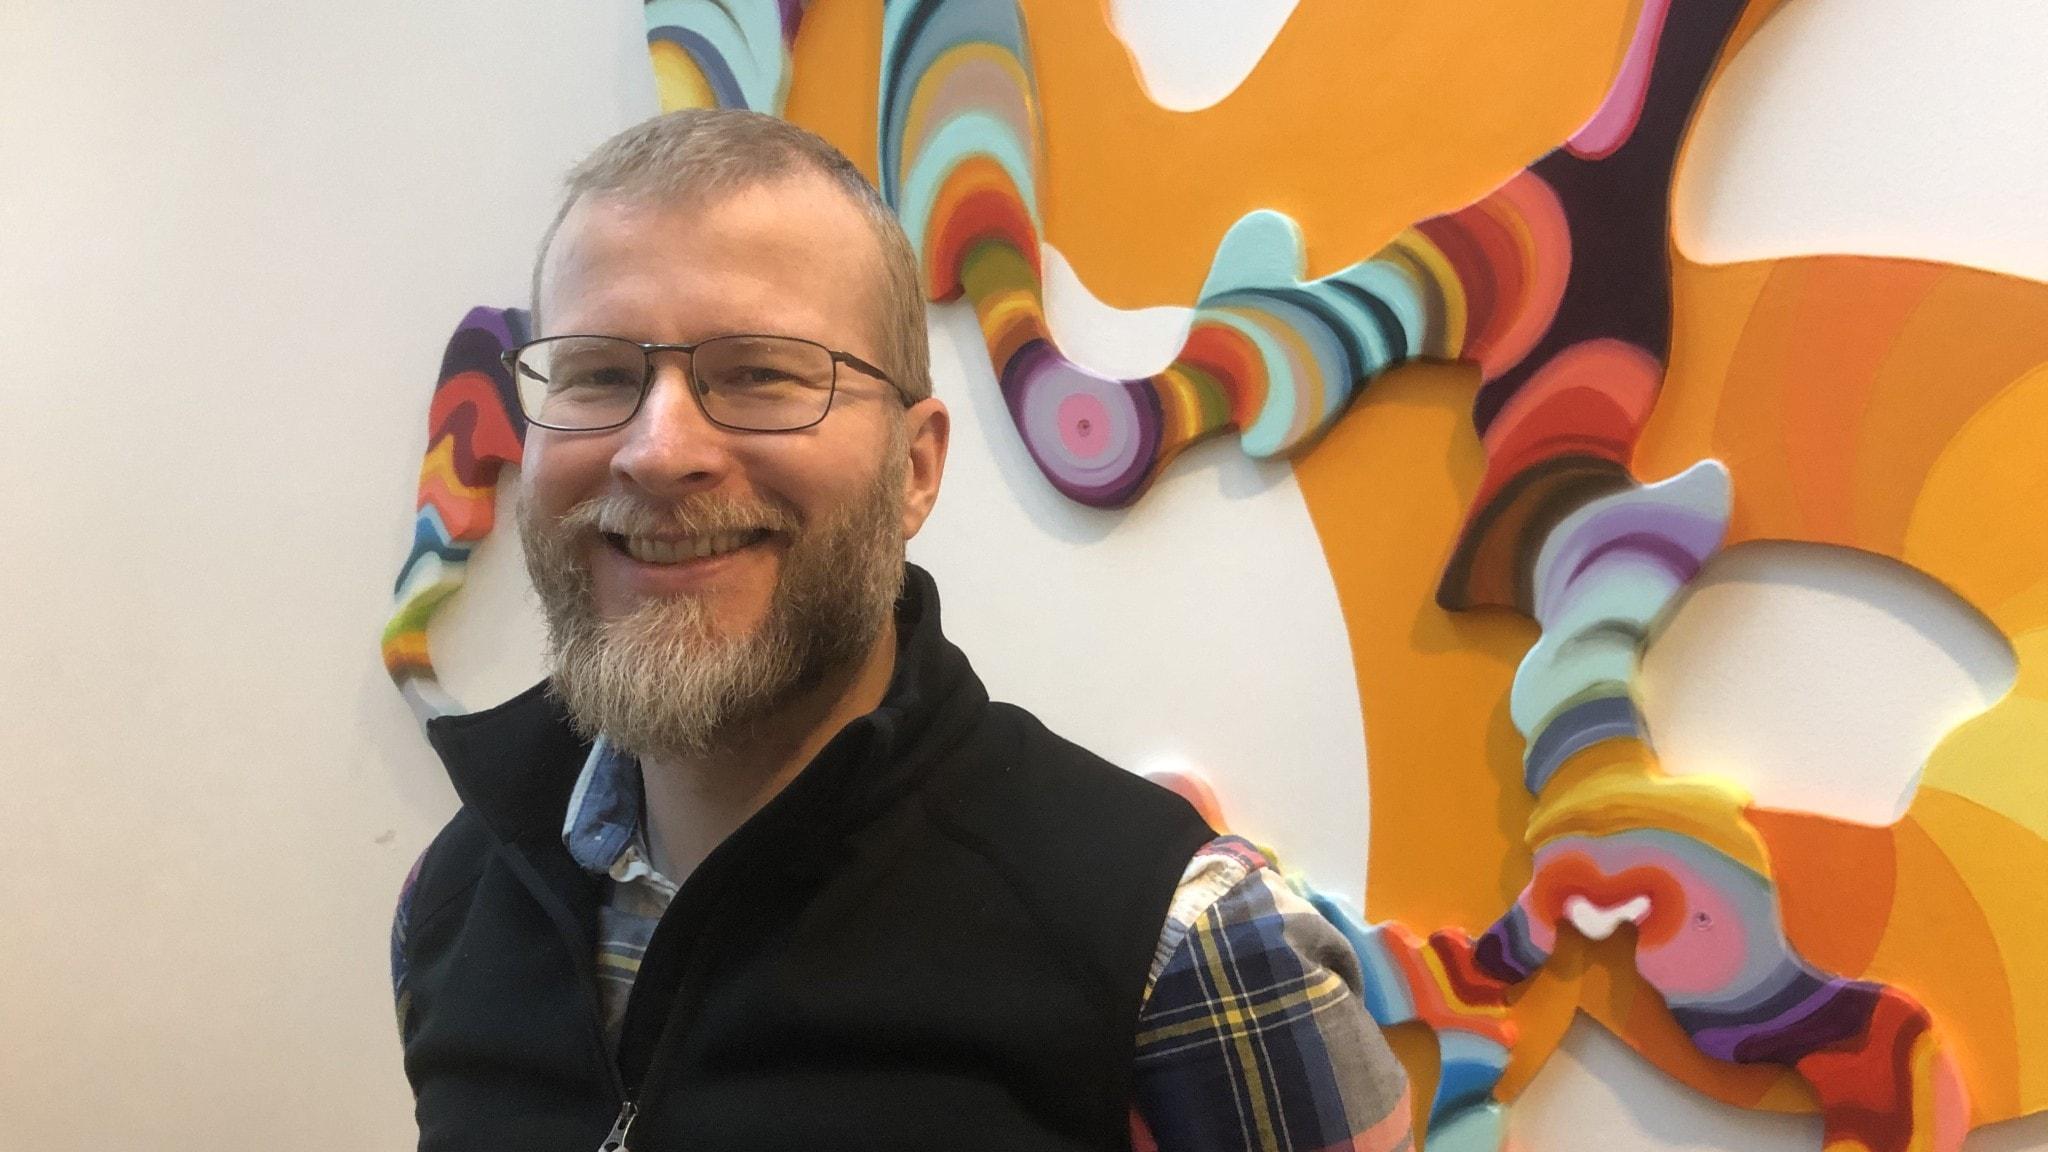 Marcus Nohlberg framför en färgglad väggdekoration